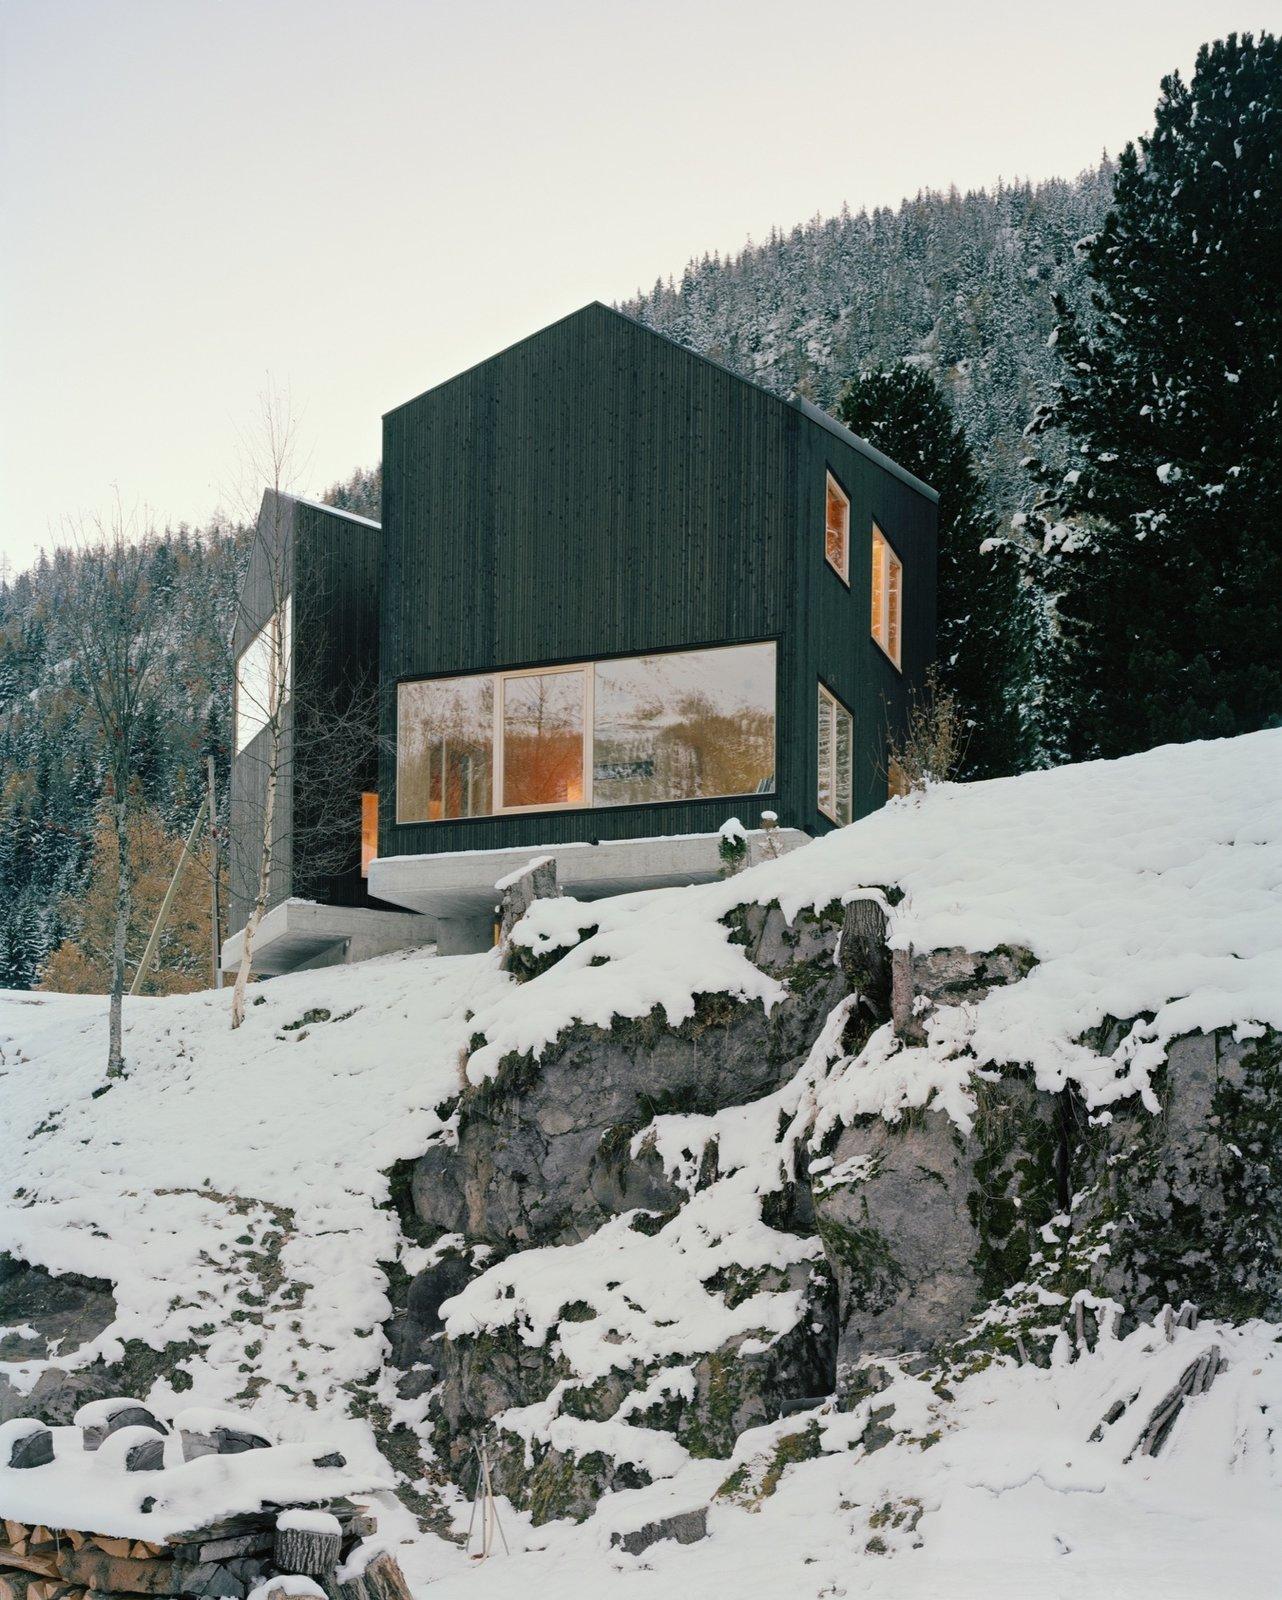 Quietly Swiss - Photo 10 of 10